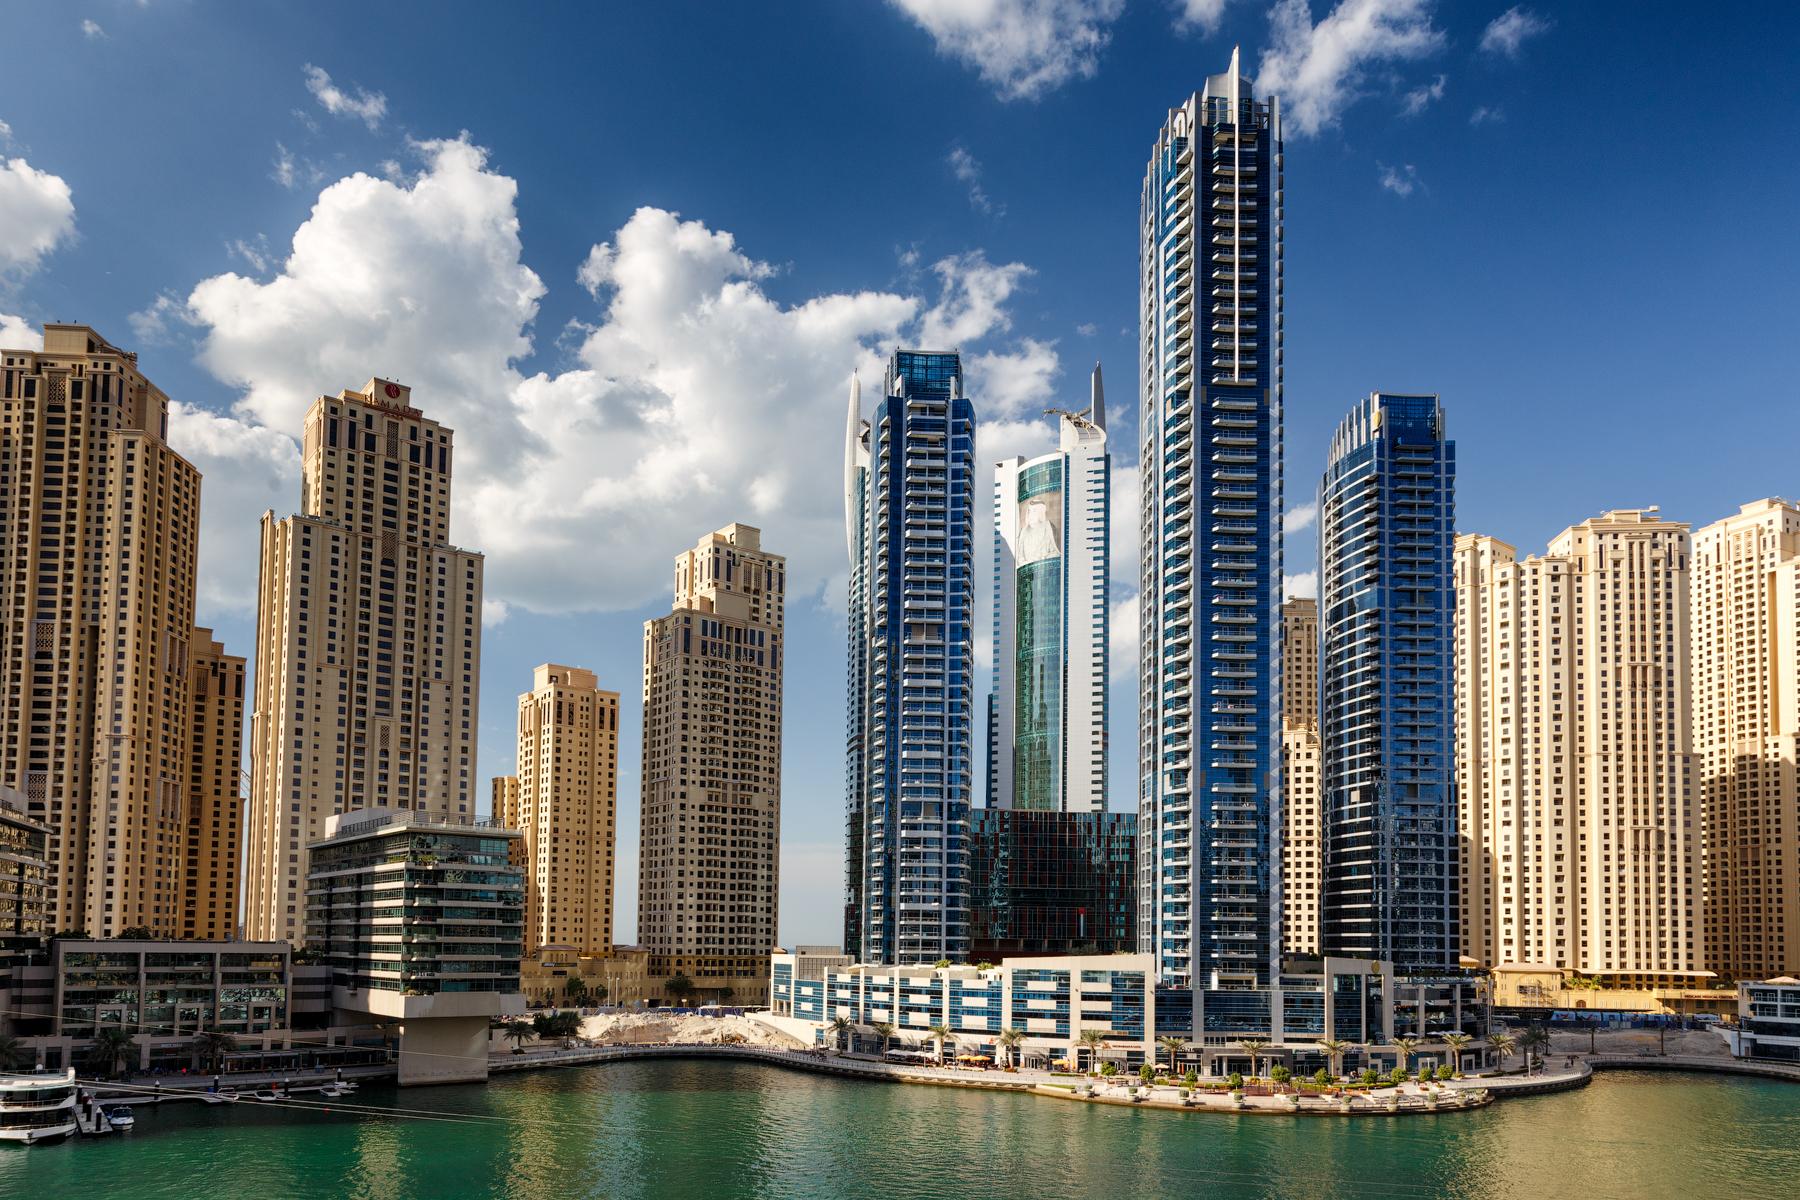 Горящий тур в ОАЭ как способ бюджетно посмотреть Дубай. Как спланировать время в городе